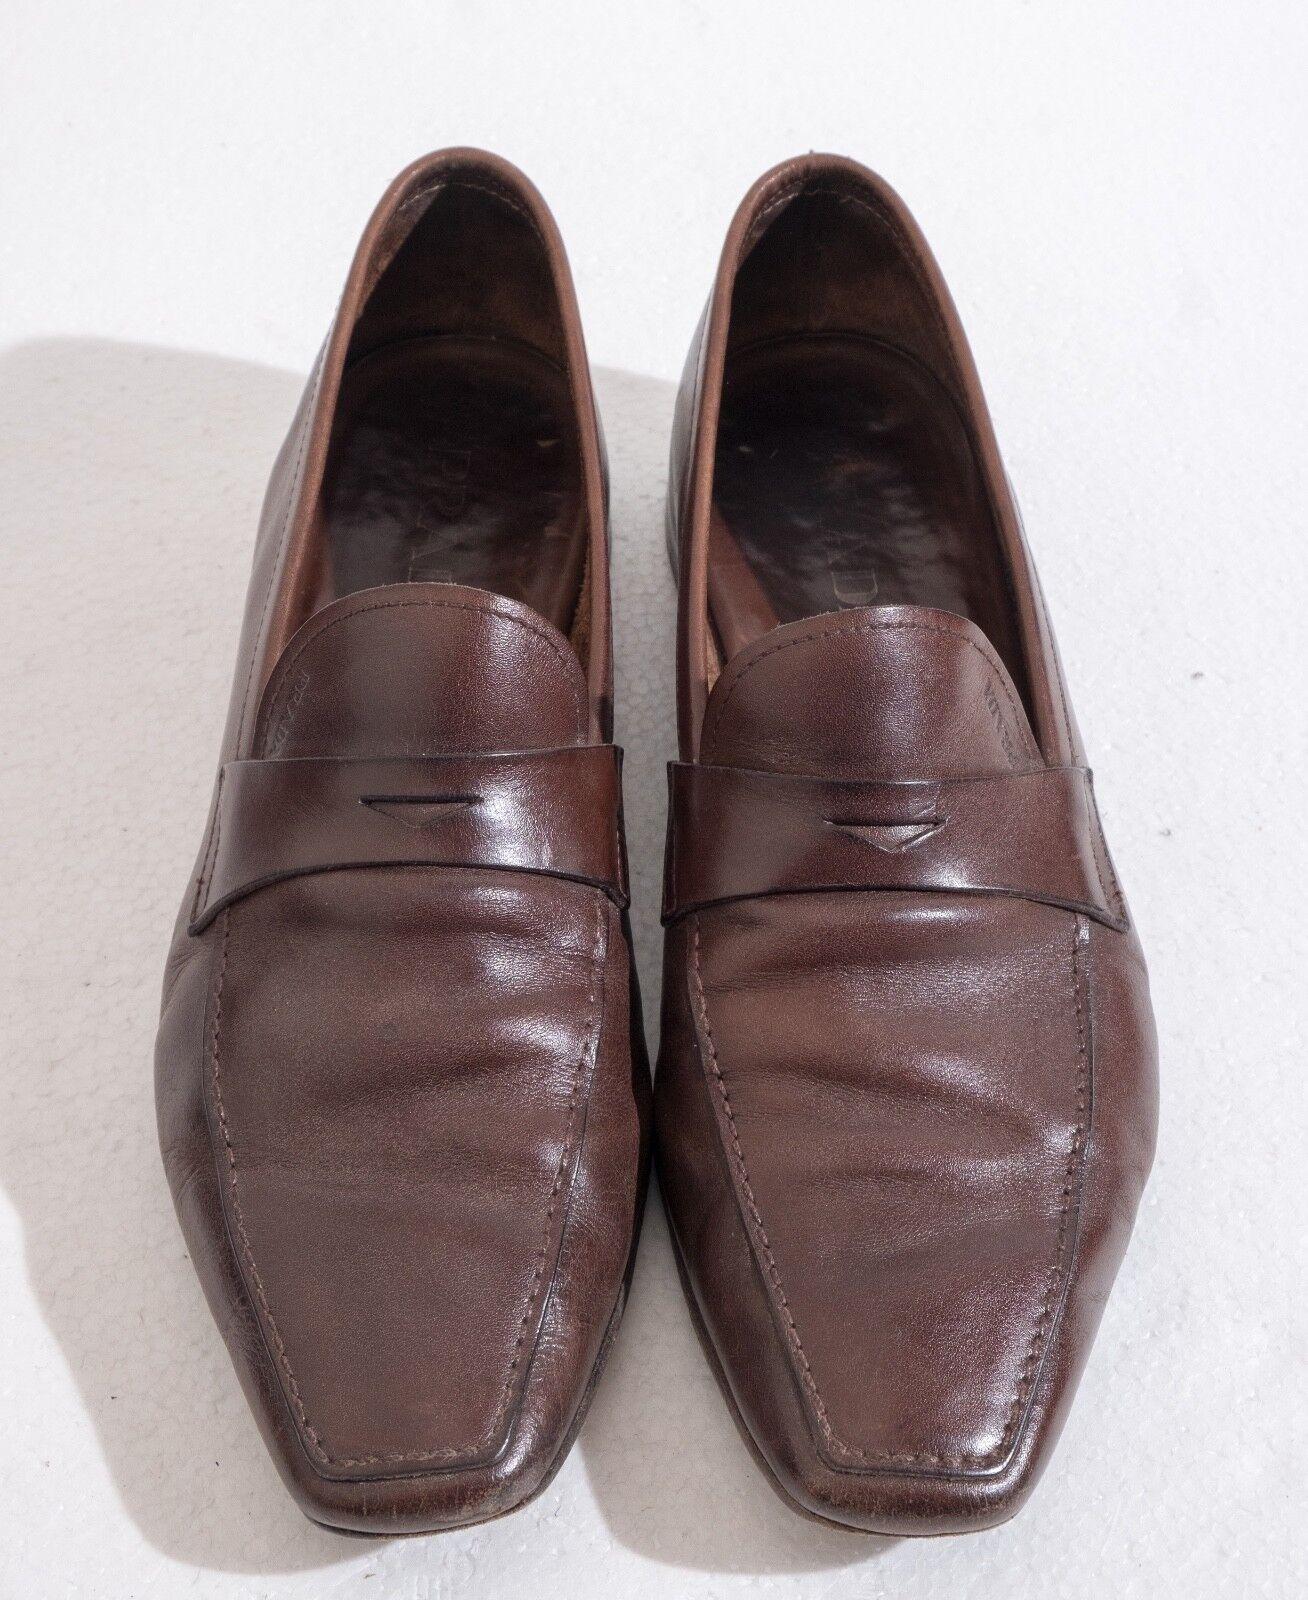 Genuine Prada Mens braun Leather Loafers Größe 8 (Style 1727) 1727) 1727) 6a497e